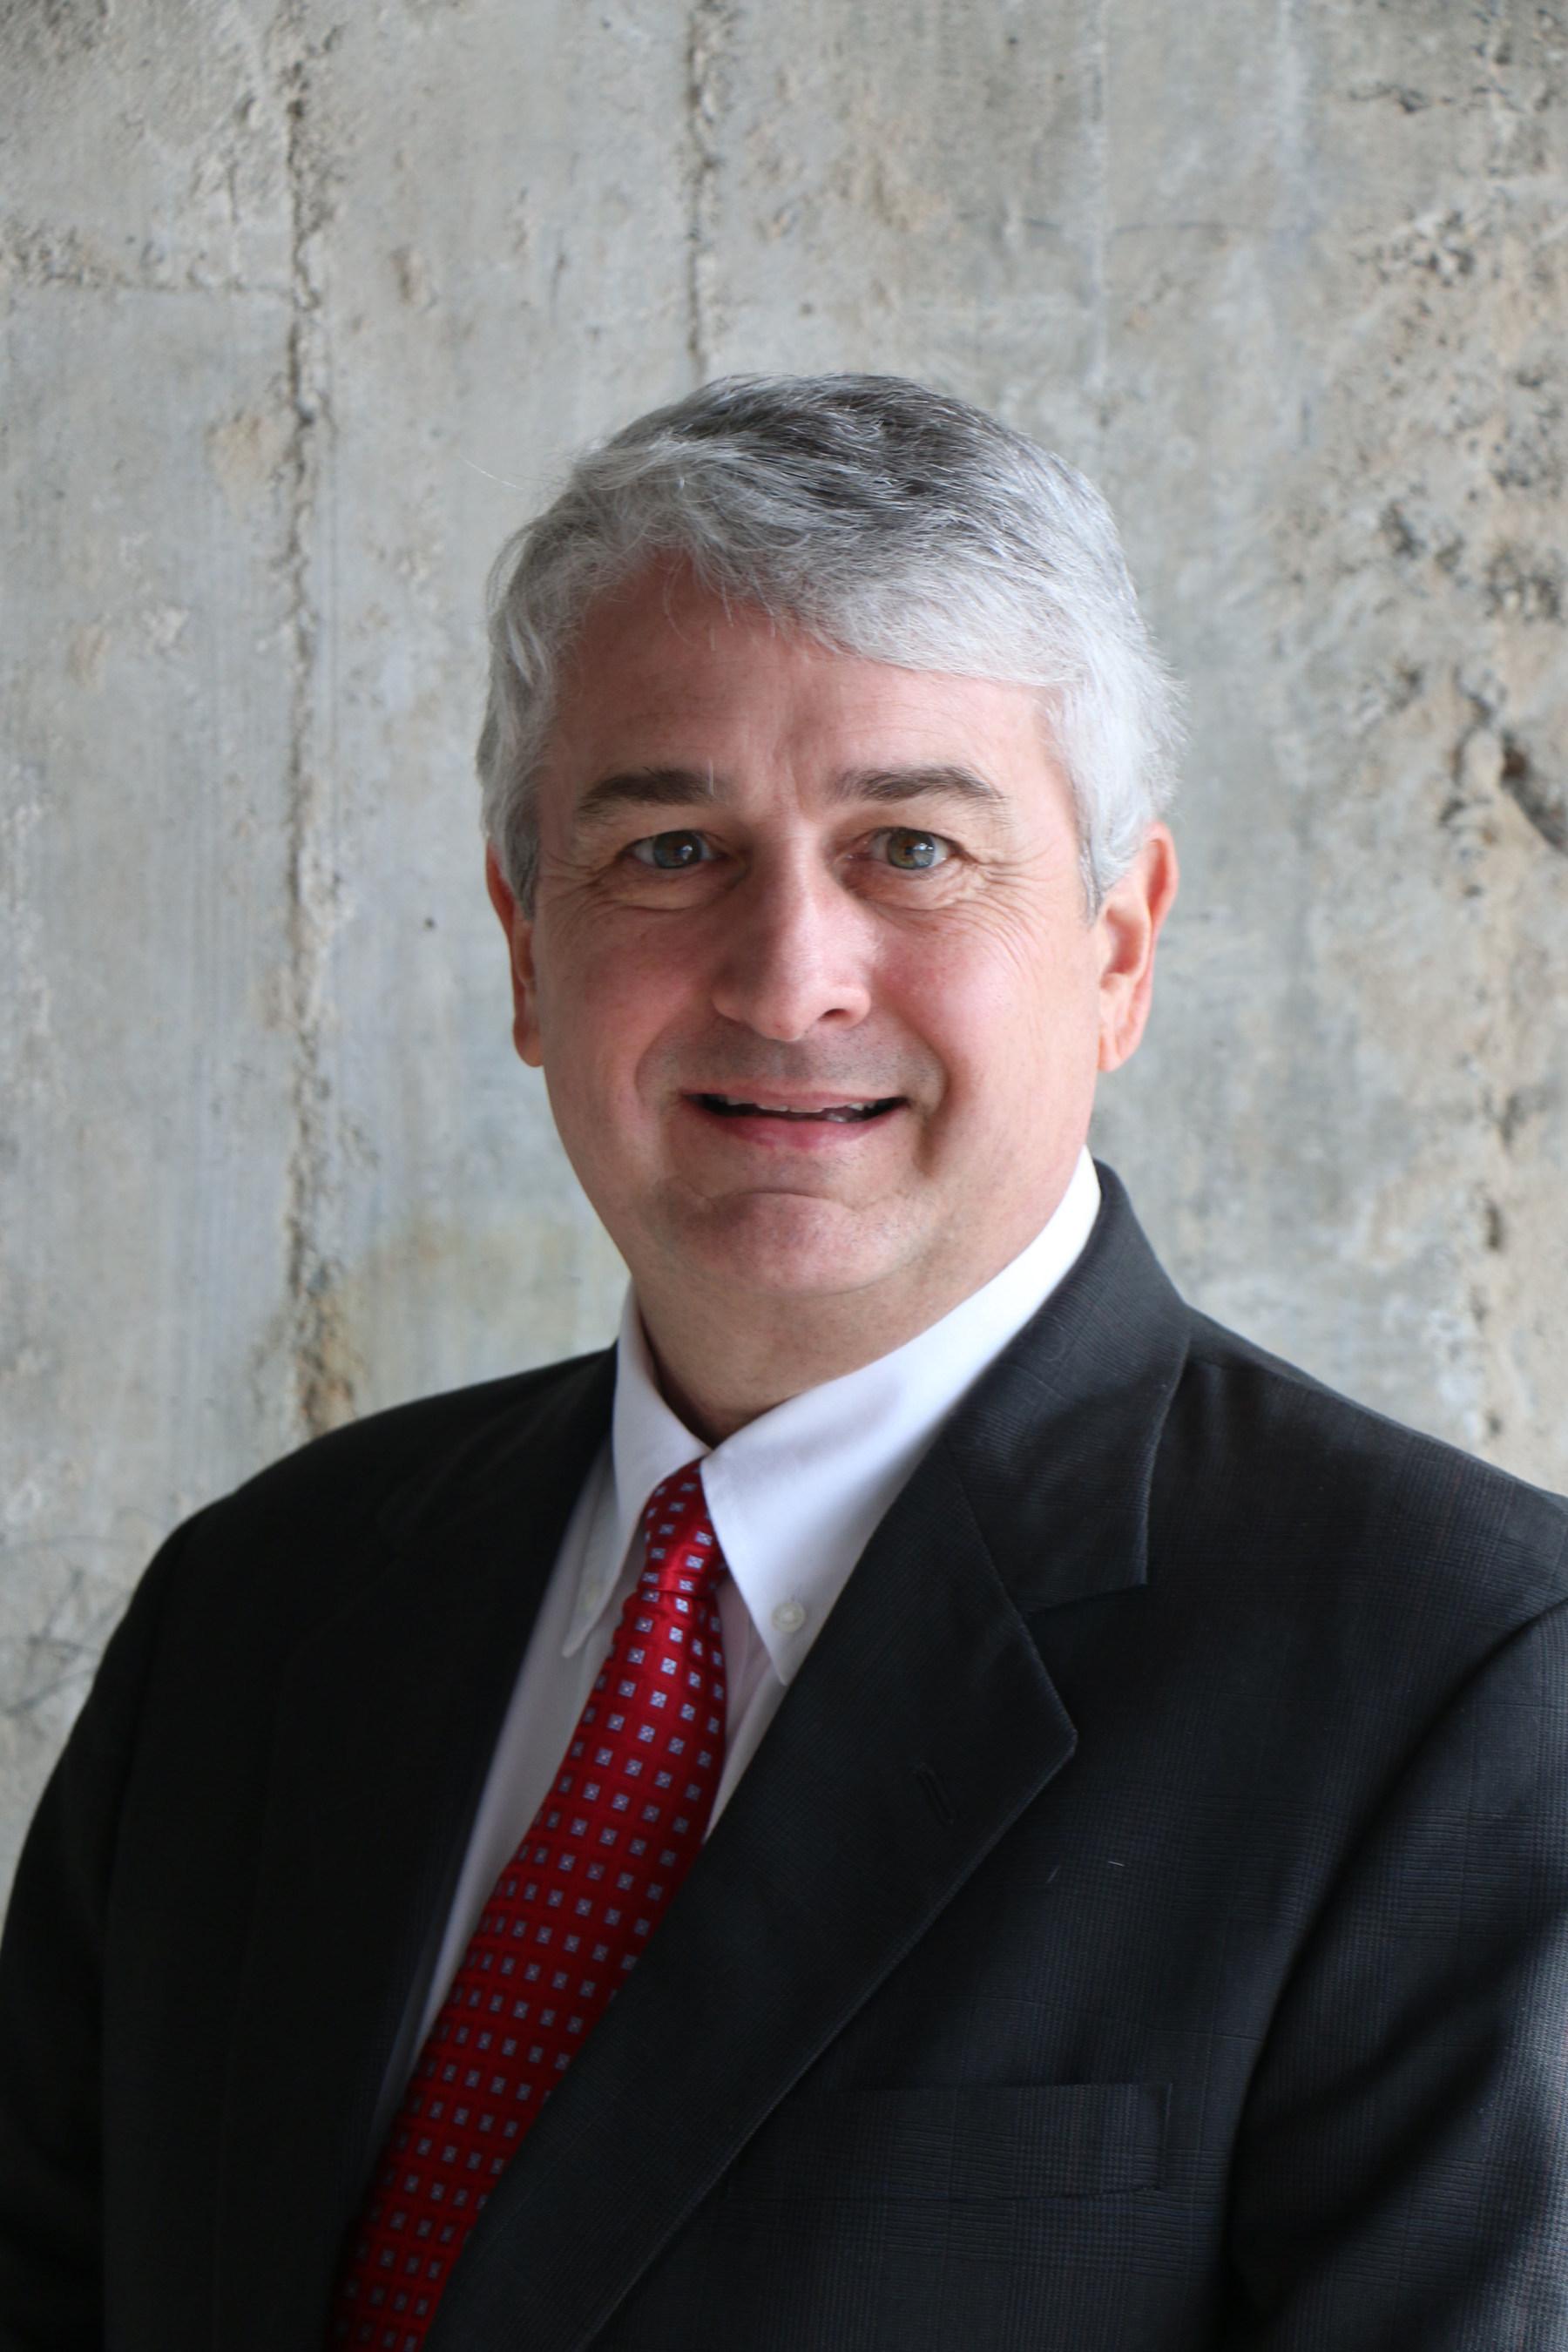 John A. Burke, VP of Client Services at Vincari in Birmingham, AL